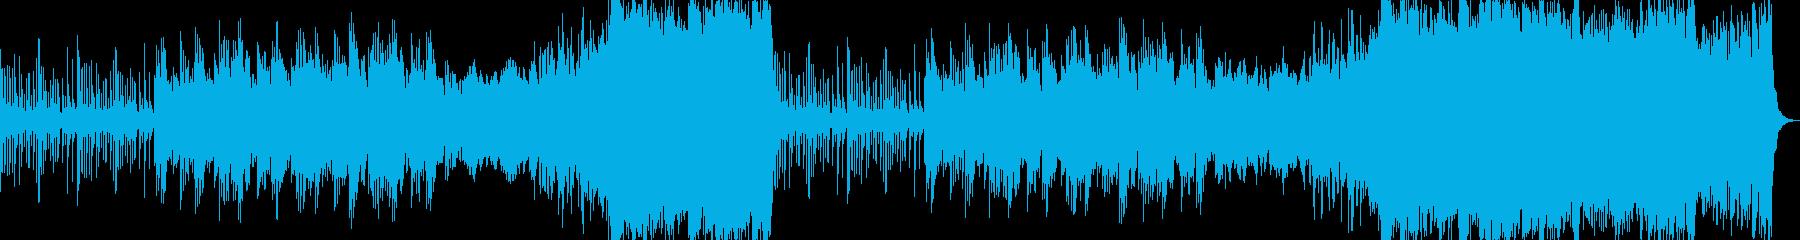 切ない・壮大・感動的・悠久・オーケストラの再生済みの波形